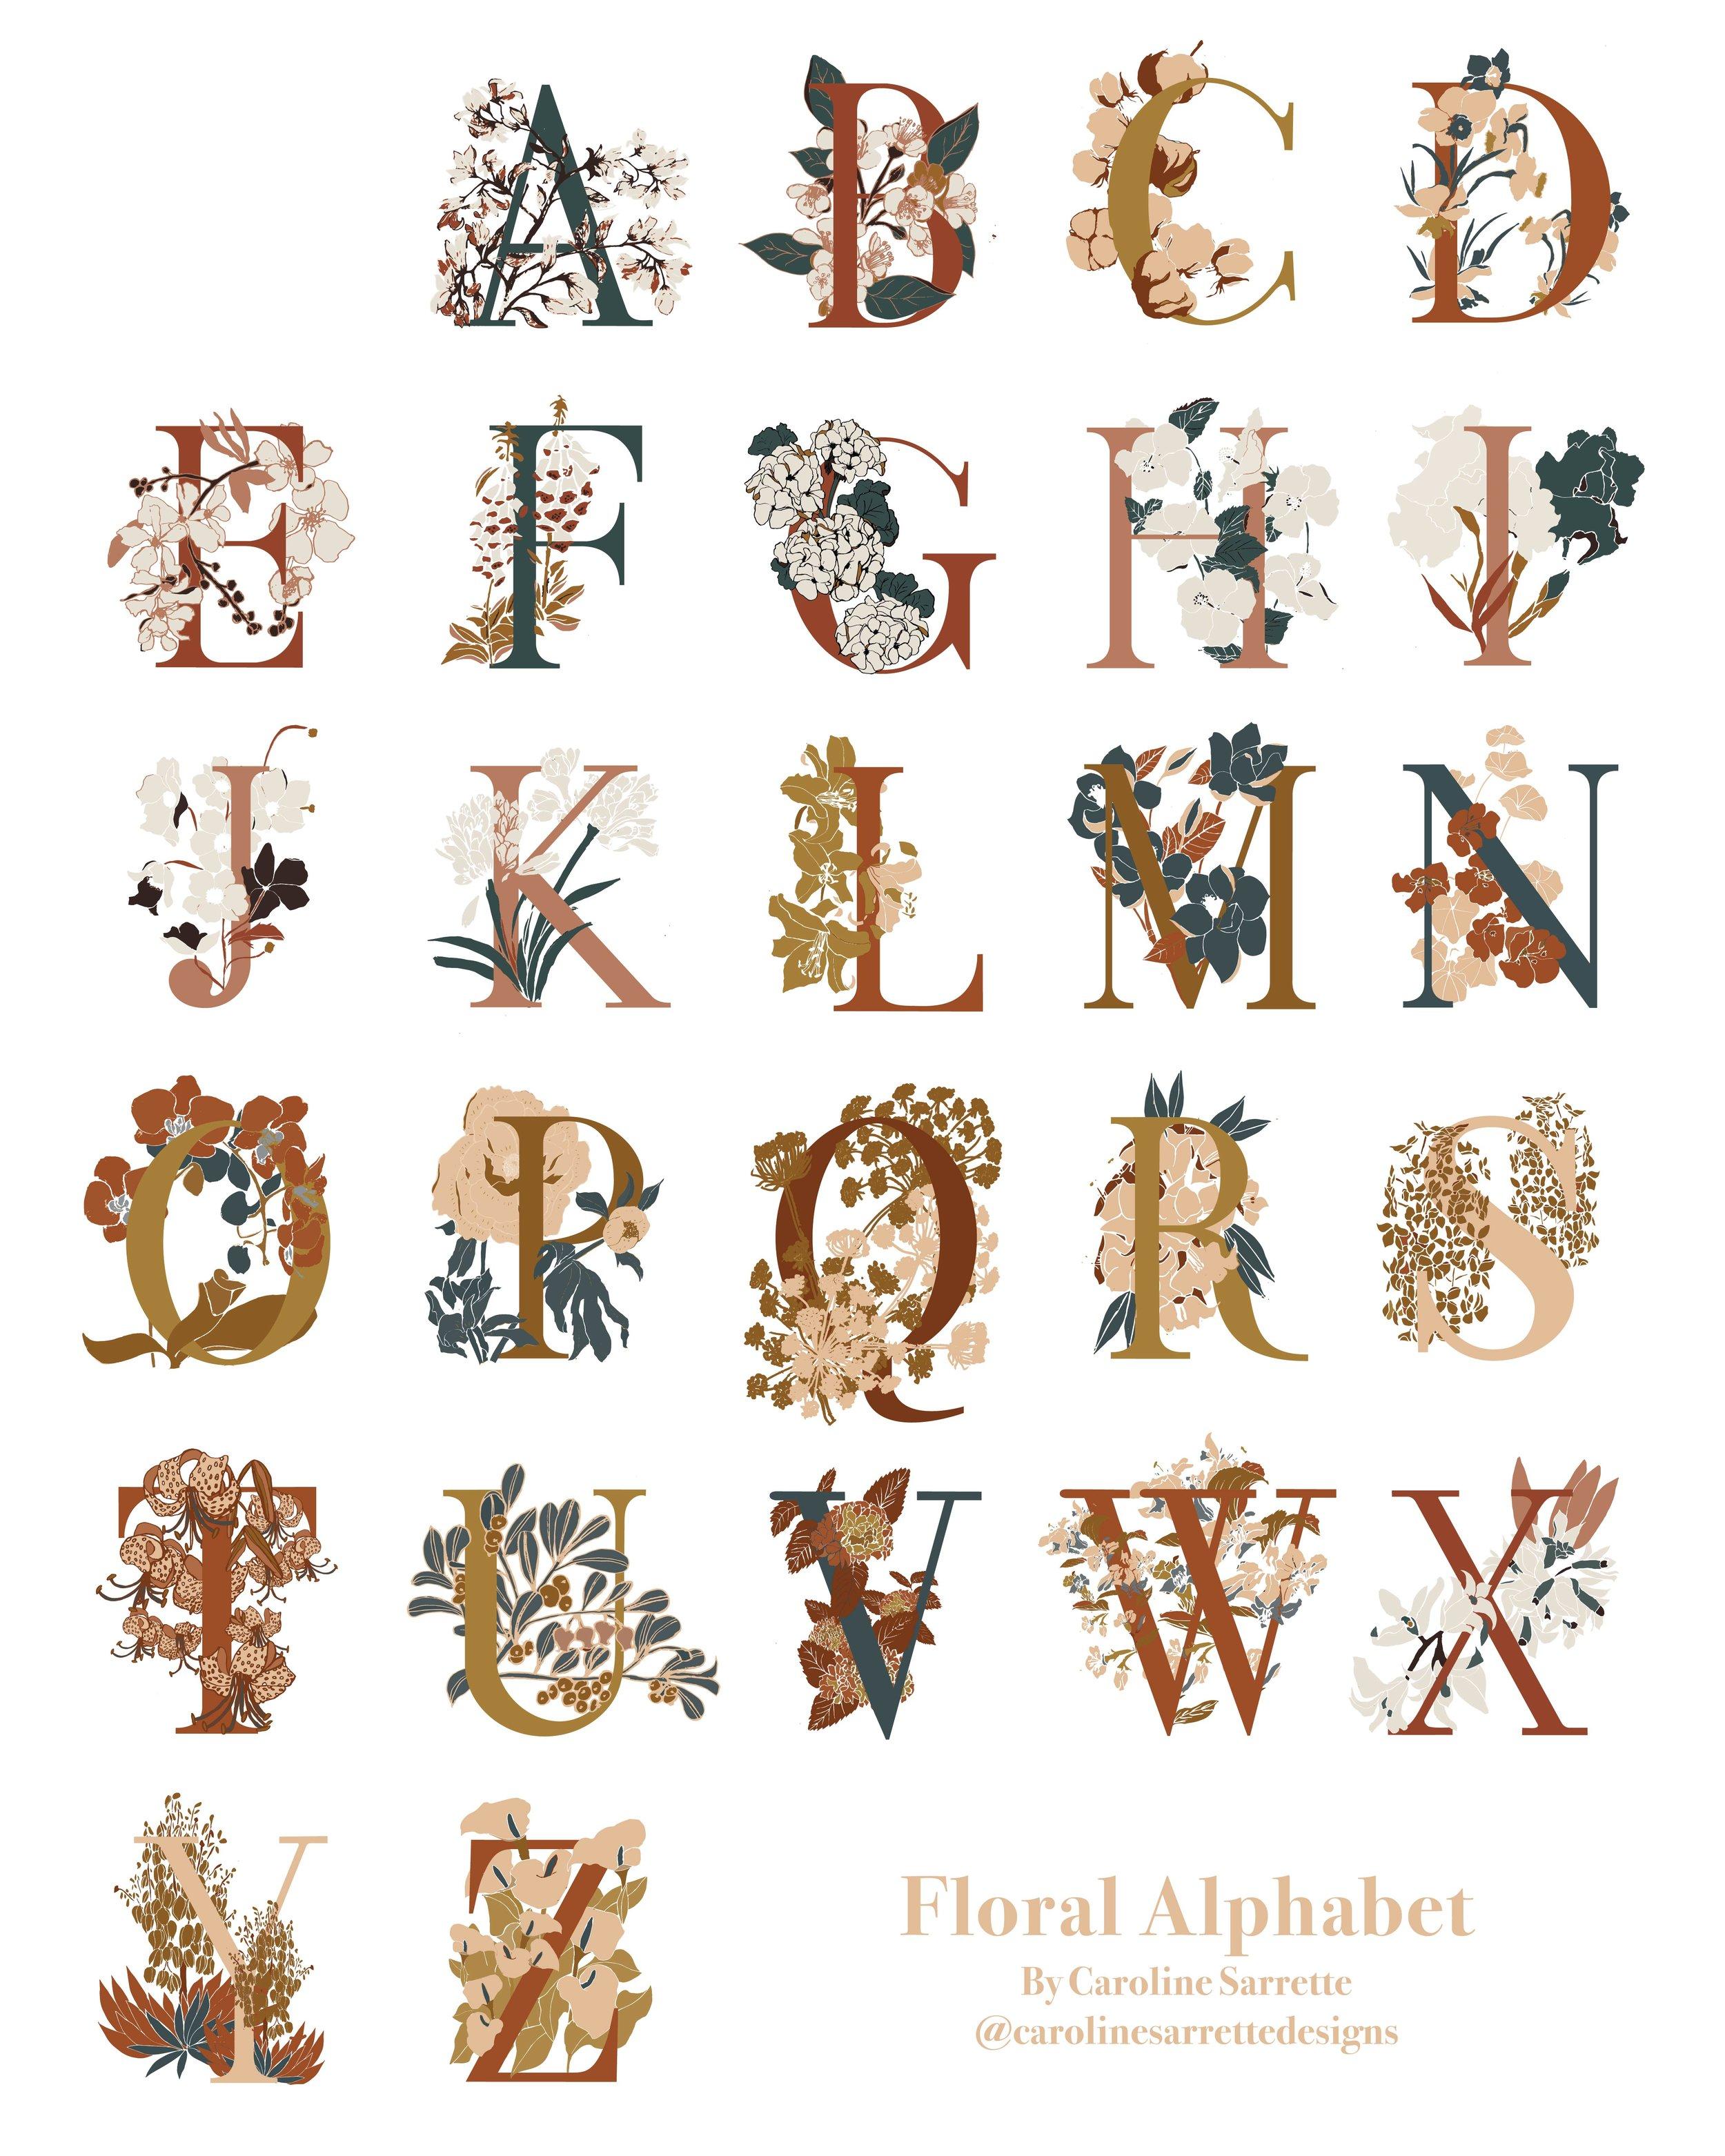 Floral Alphabet Project